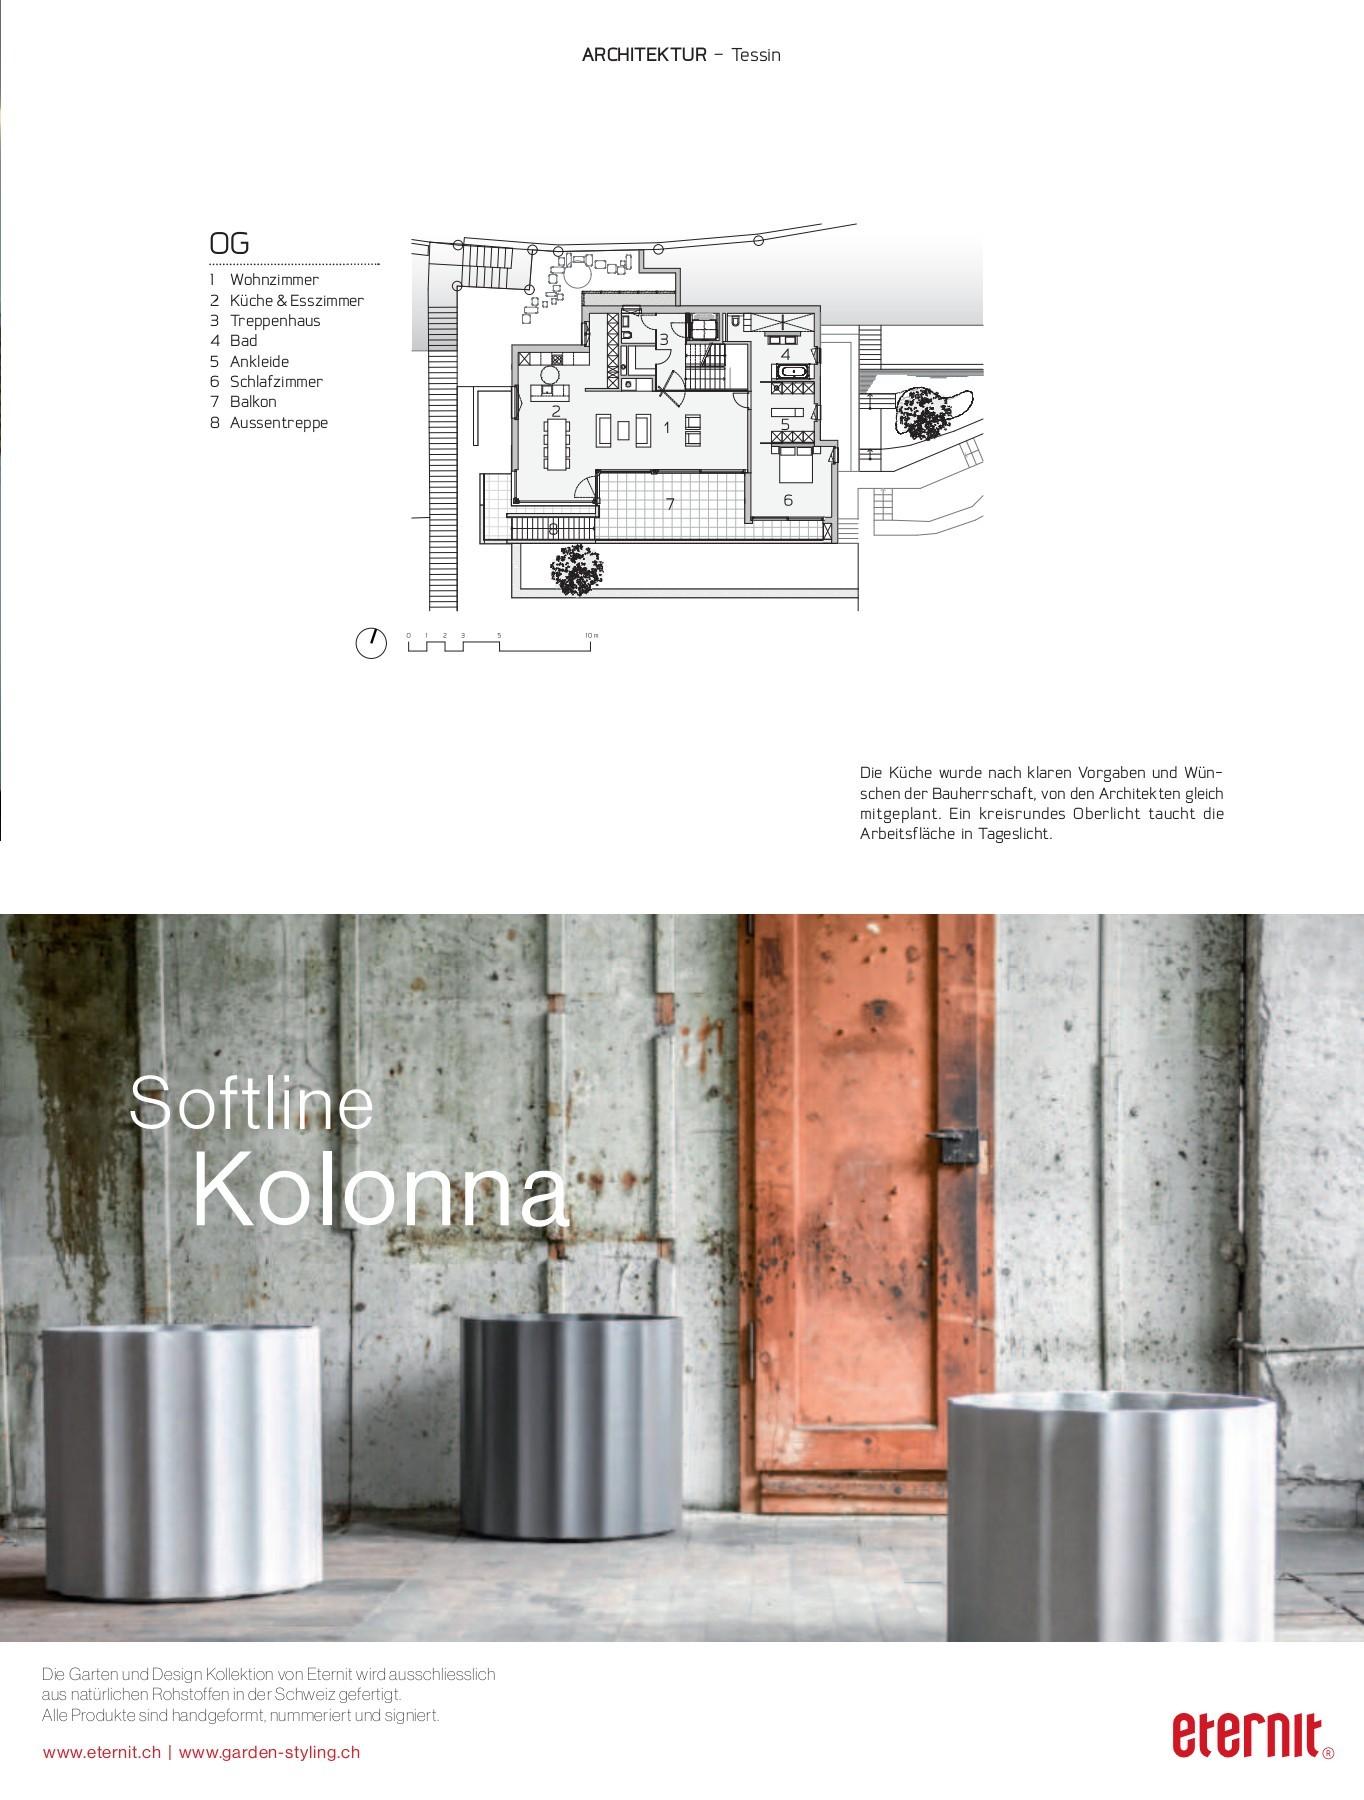 Full Size of Paravent Balkon Bauhaus 2019 04 18 Raum Und Wohnen Flip Book Pages 51 100 Garten Fenster Wohnzimmer Paravent Balkon Bauhaus